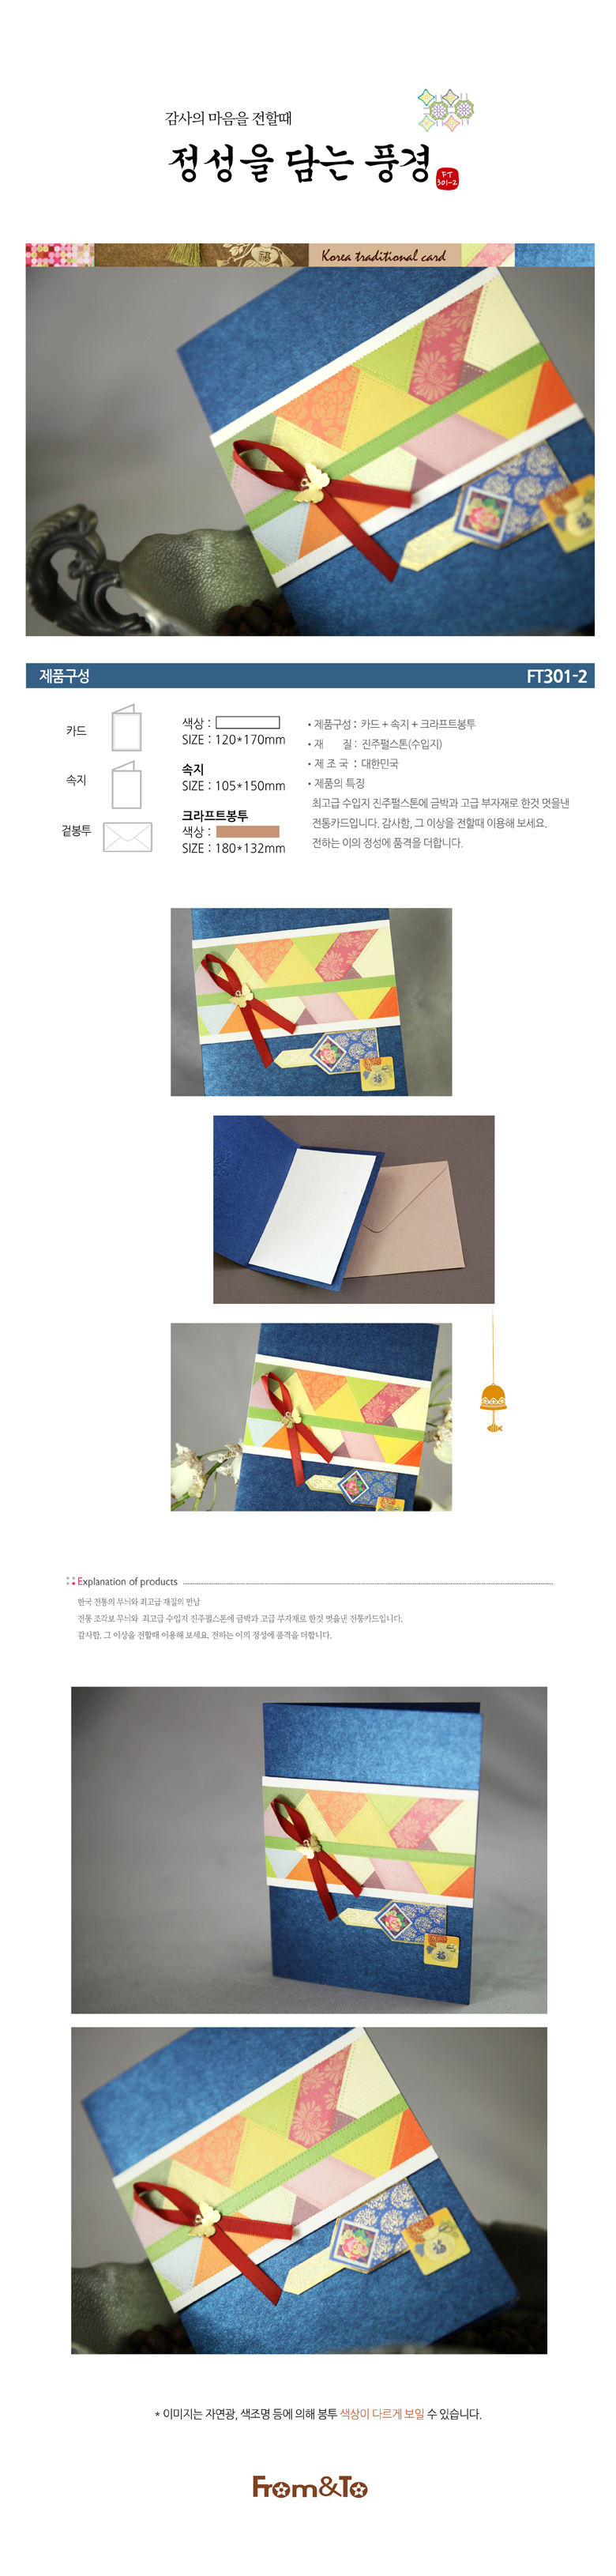 정성을 닮는 풍경 FT301-2 - 프롬앤투, 3,000원, 카드, 시즌/테마 카드